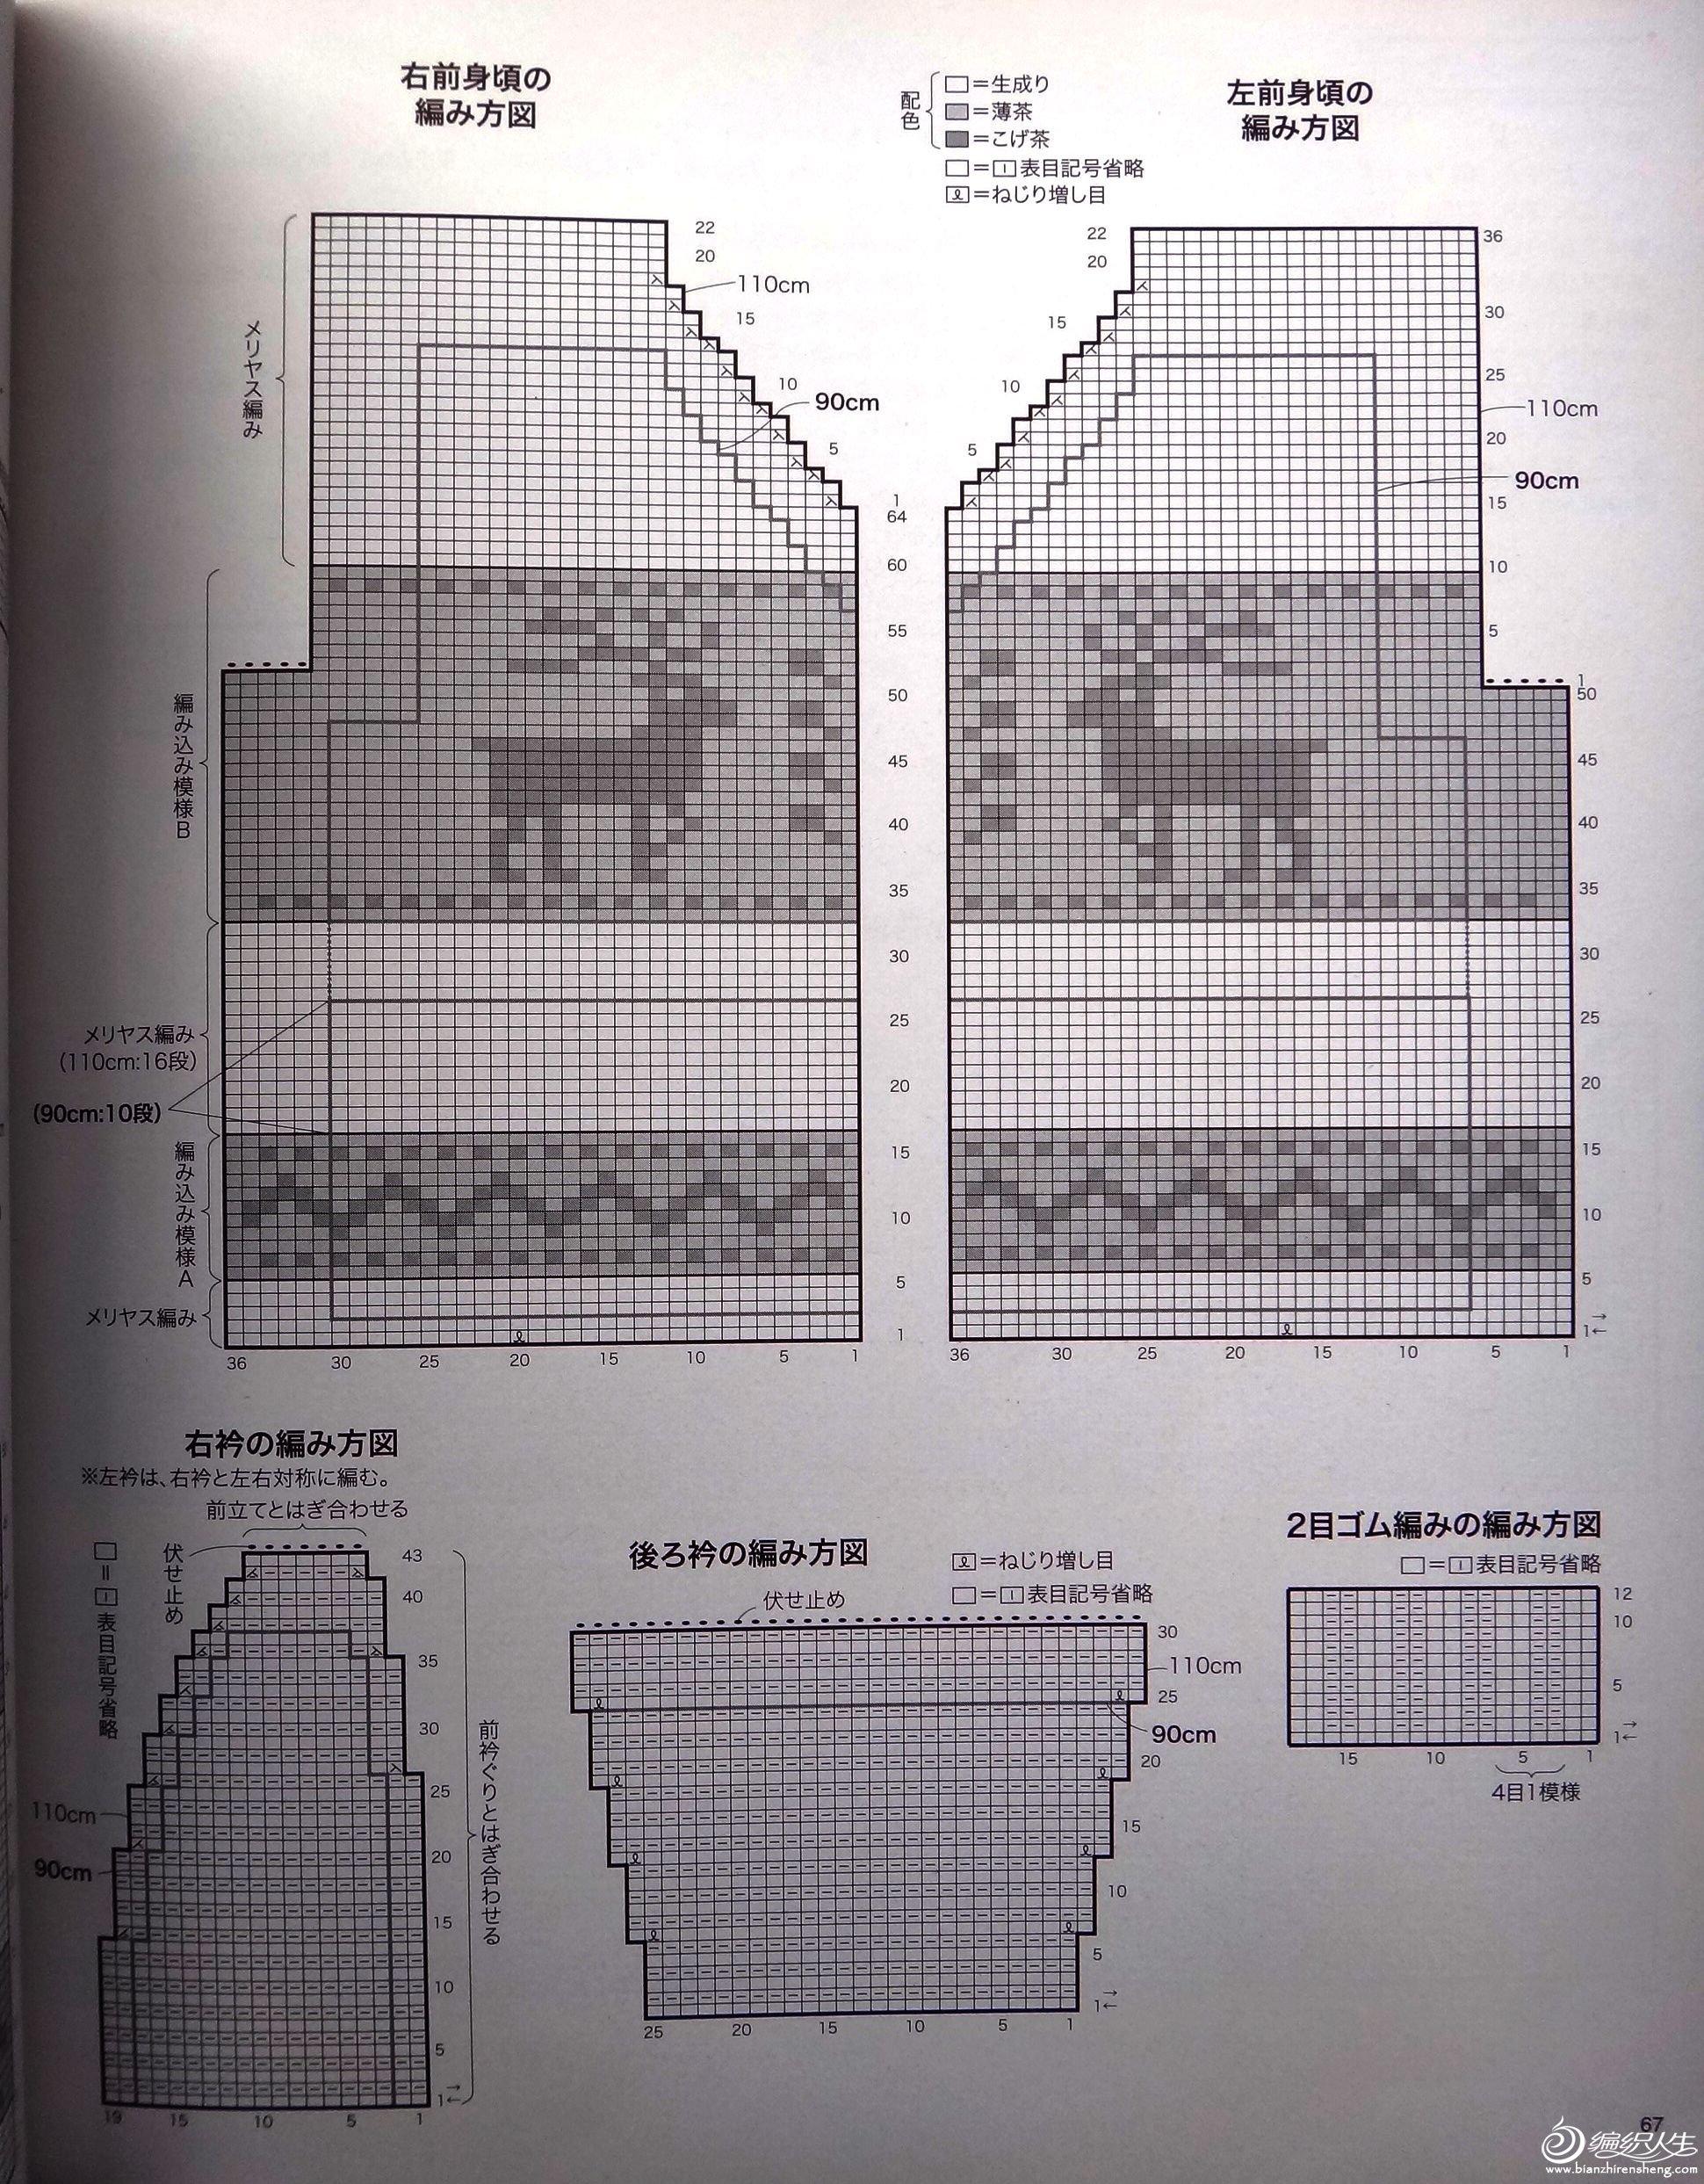 宠爱图解 (5).JPG